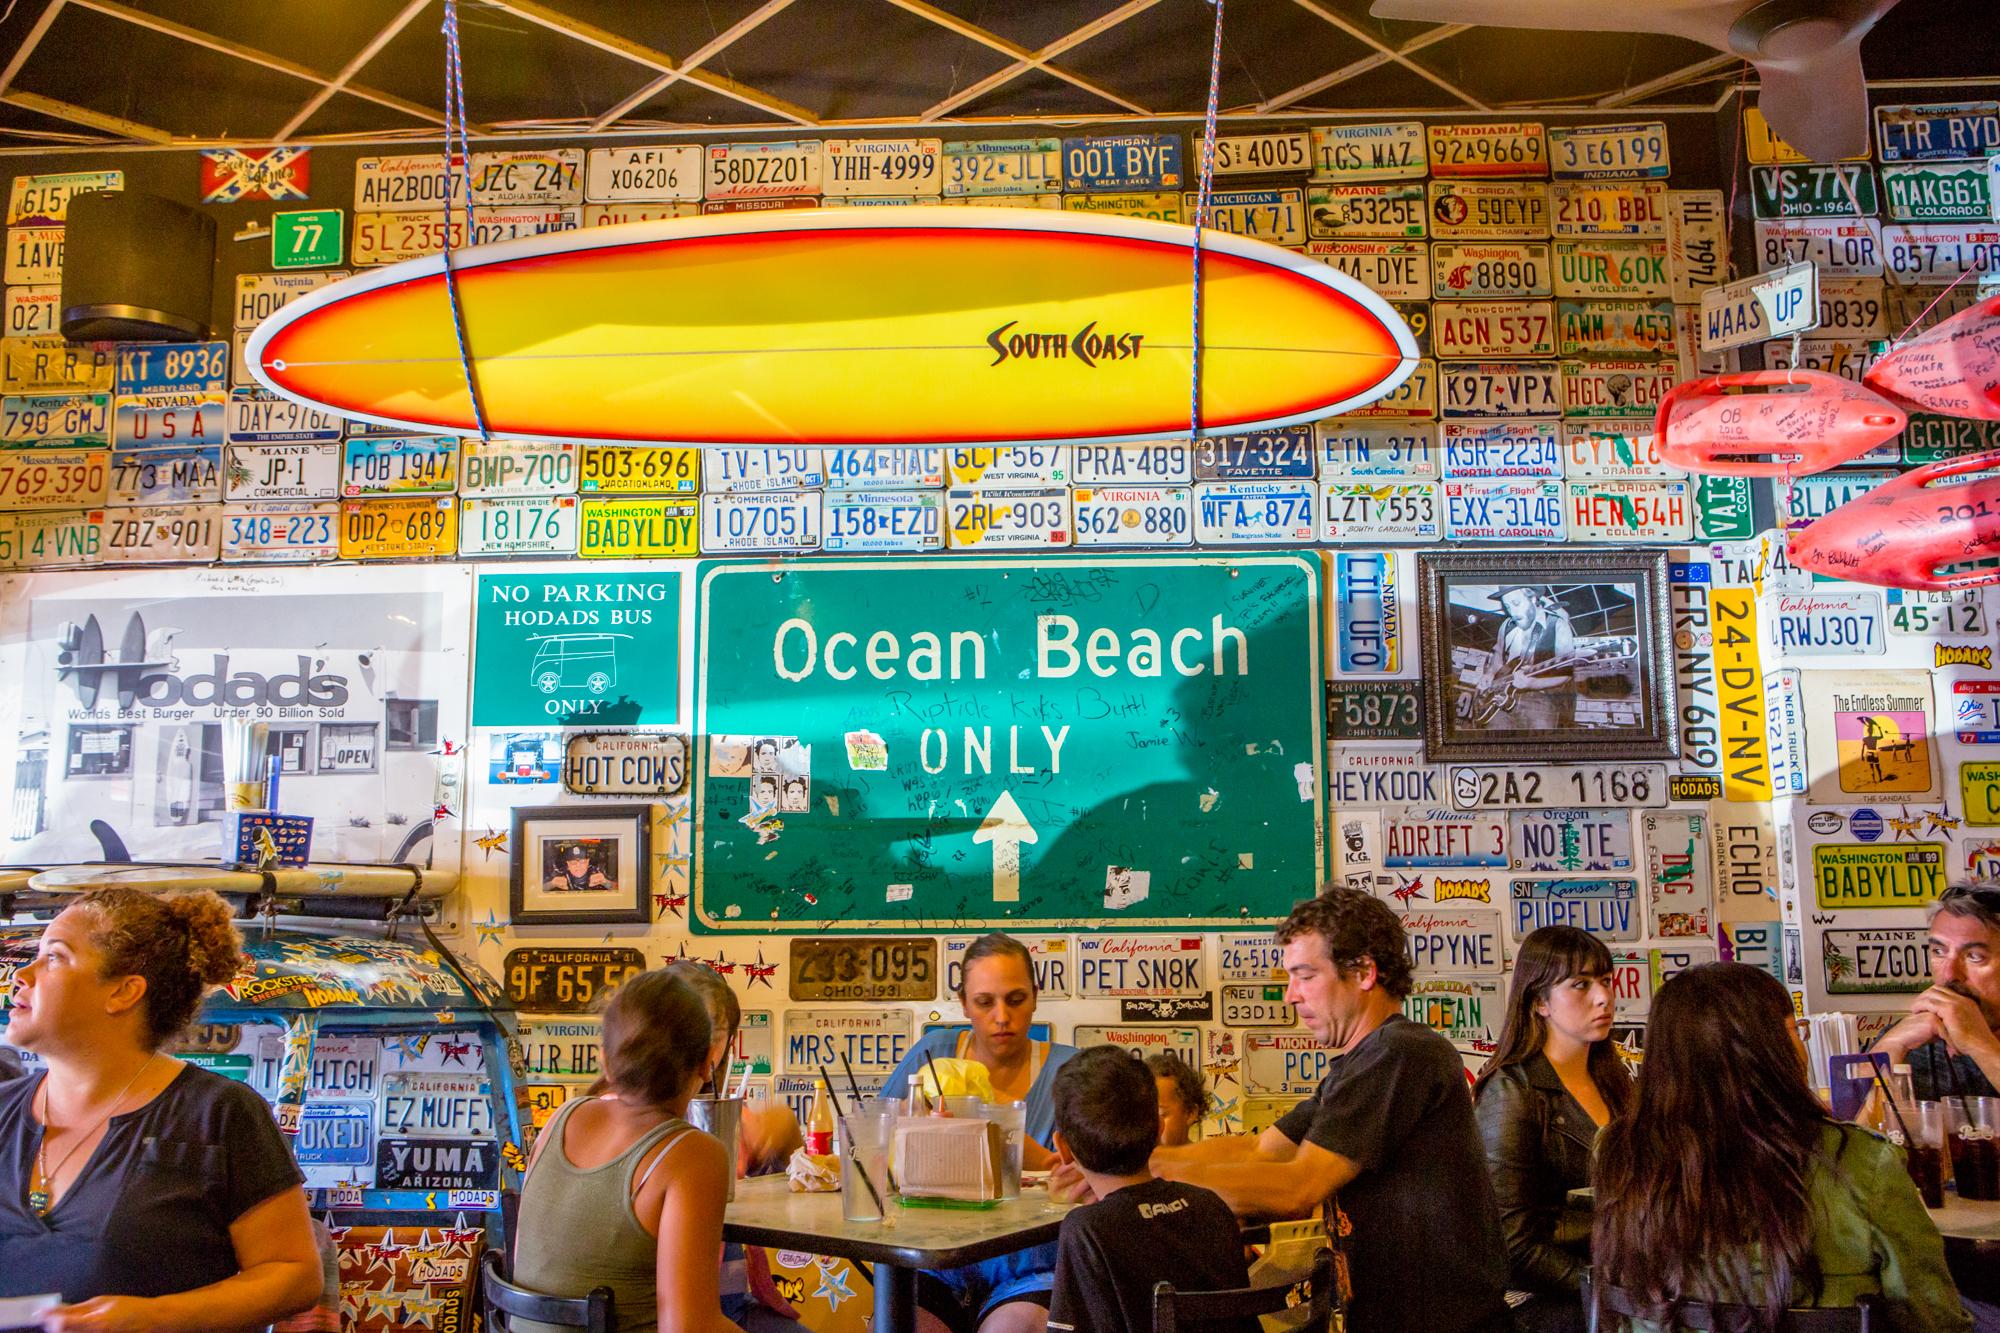 Hodad's in Ocean Beach, Saturday at Noon